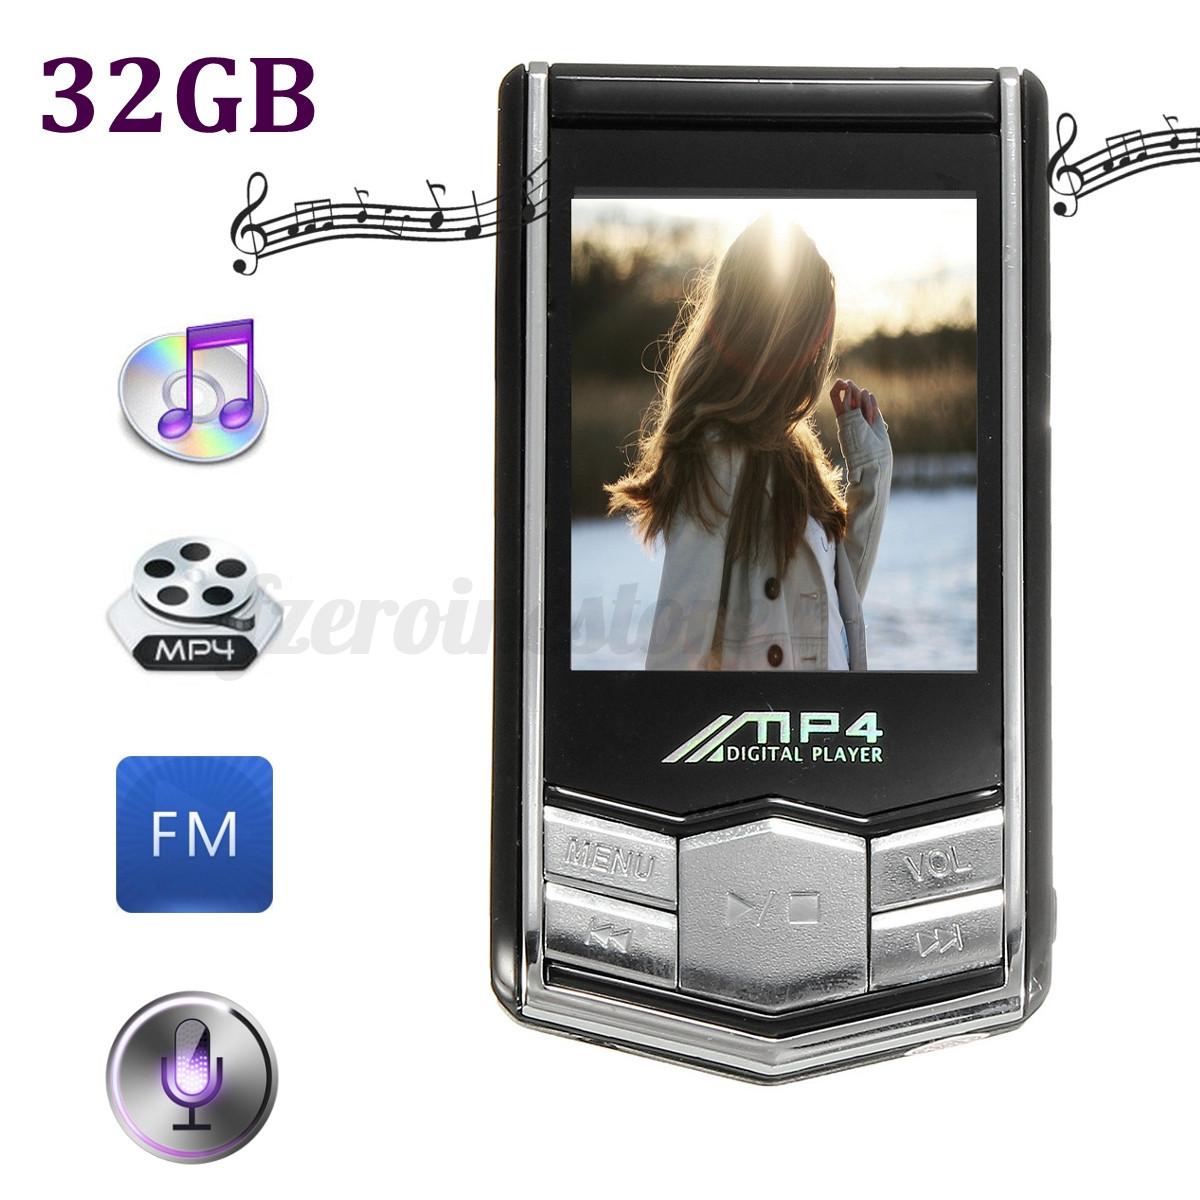 Lcd lettore player mp3 mp4 da 32gb audio video foto radio for Da mp4 a mp3